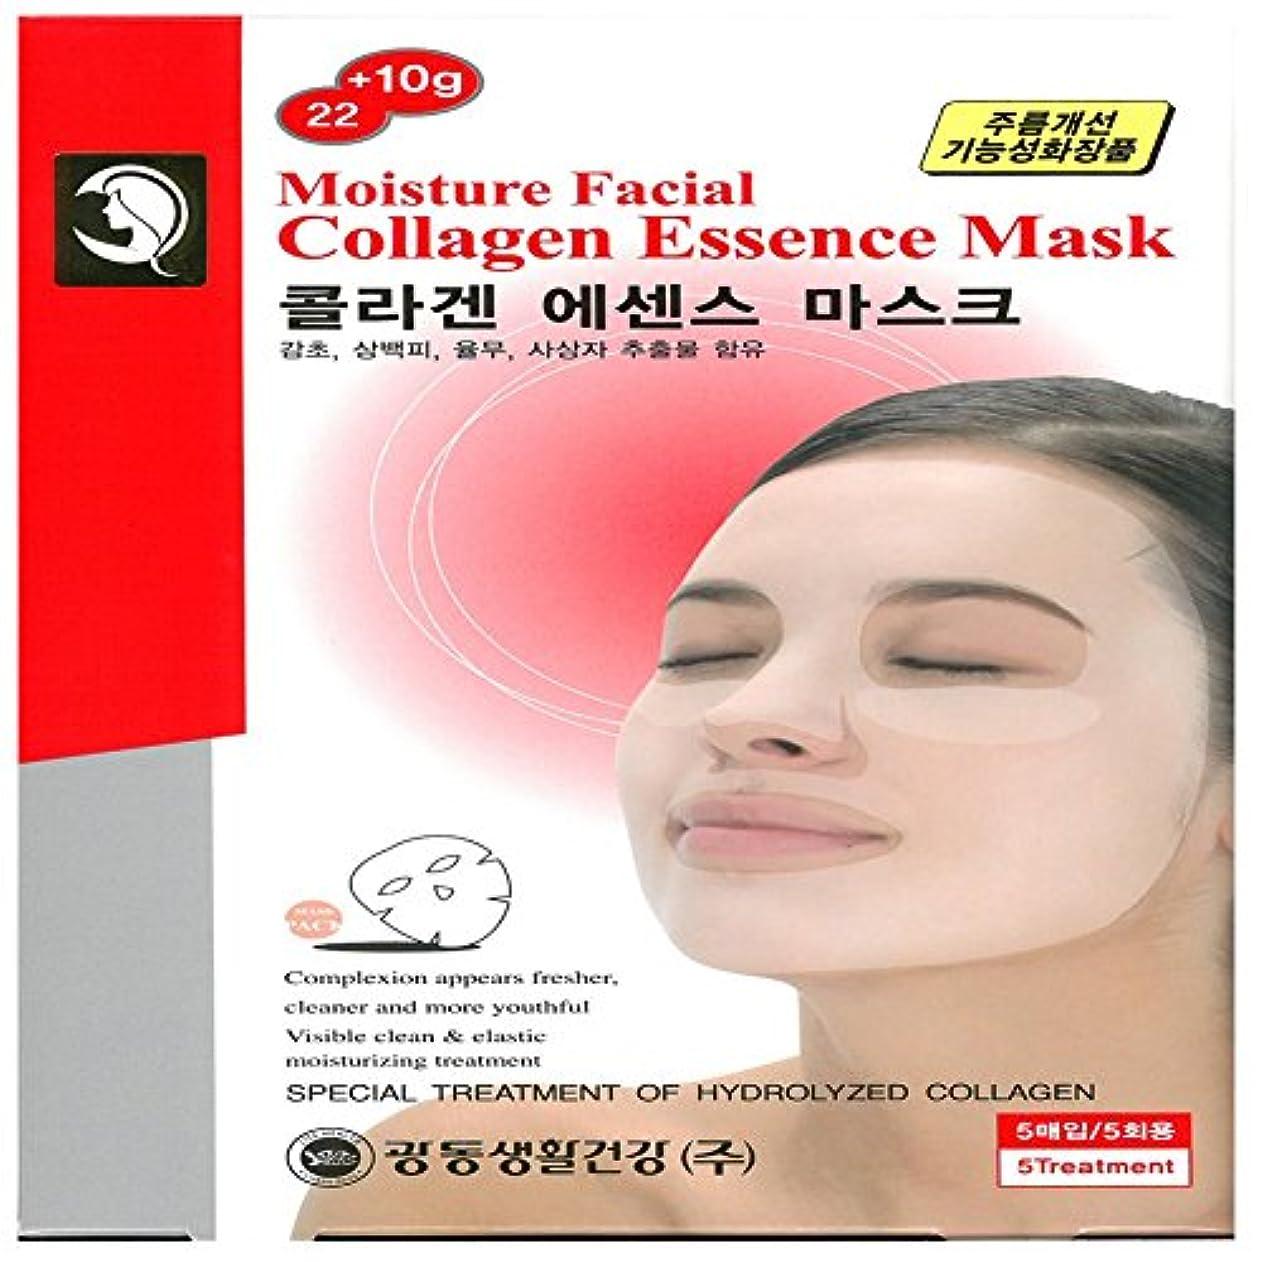 器官でも電卓[光東] kwangdong モイスチャーフェイシャルコラーゲンエッセンスマスク Moisture Facial Collagen Essence Mask 32gX5ea (海外直送品) [並行輸入品]